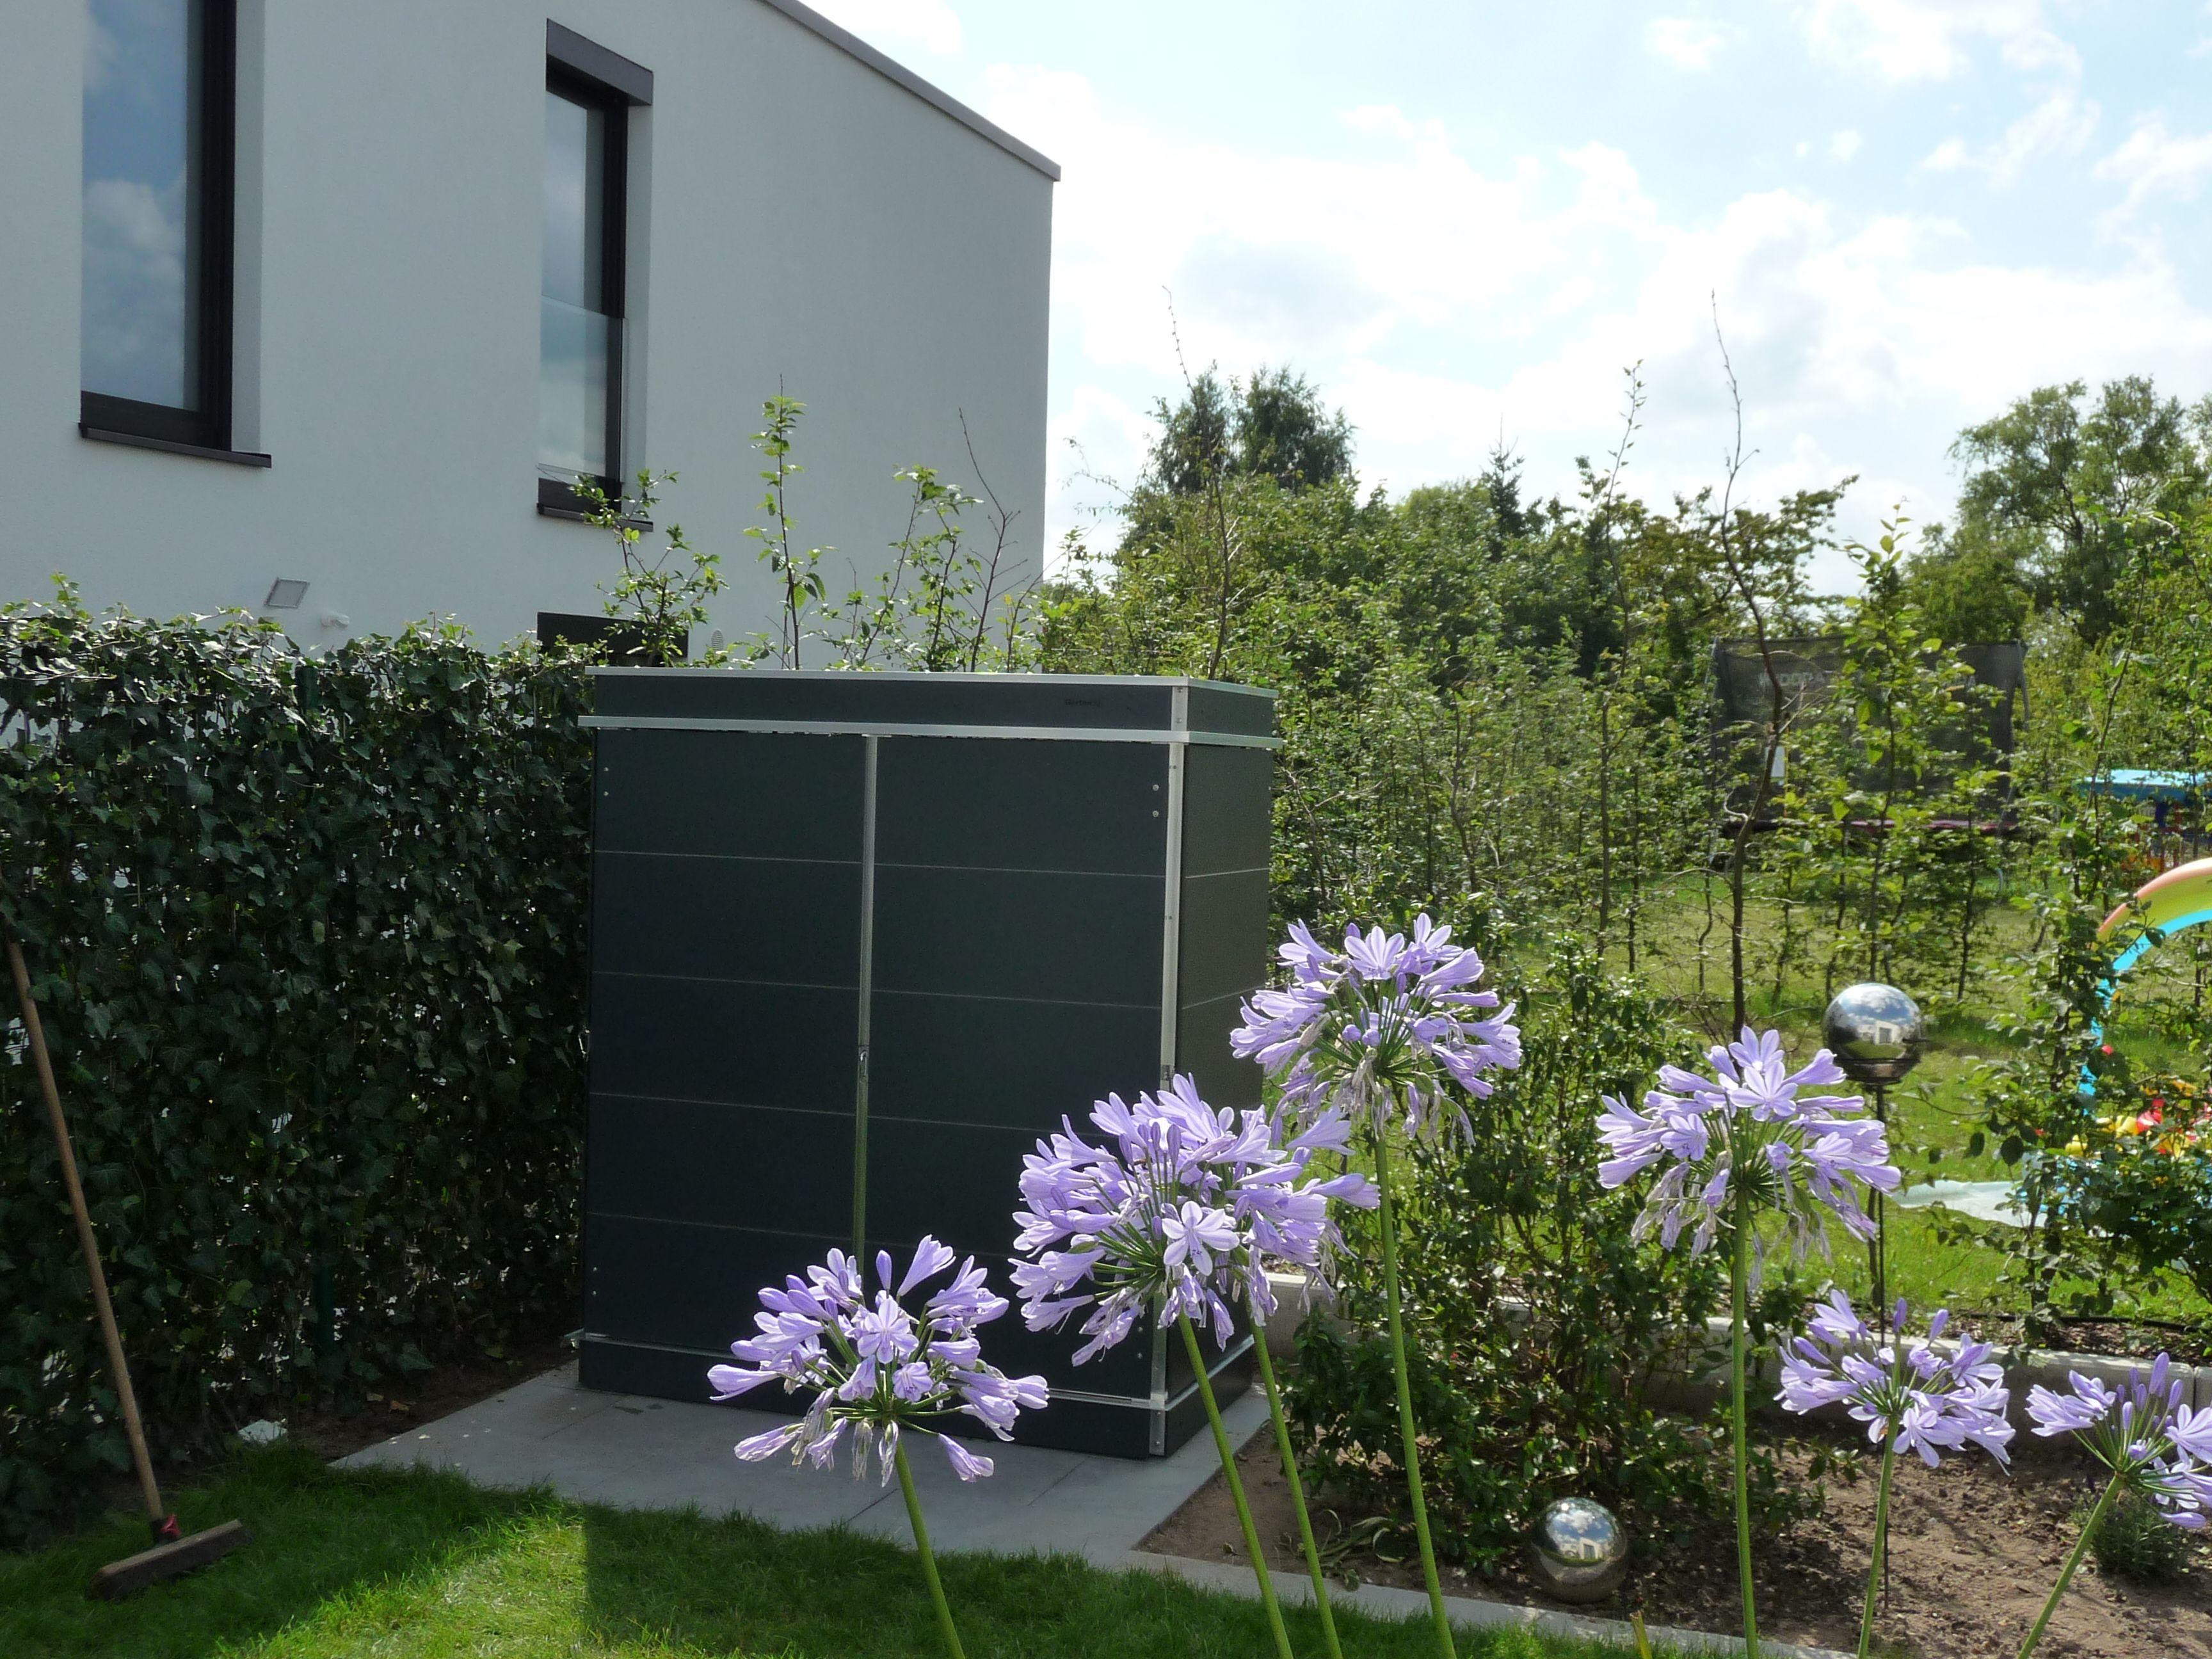 Outdoor Schrank Anthrazit Garten Q Design Outdoor Losungen Fur Den Kompletten Aussenbereich Gartenschrank Garten Design Gartenhaus